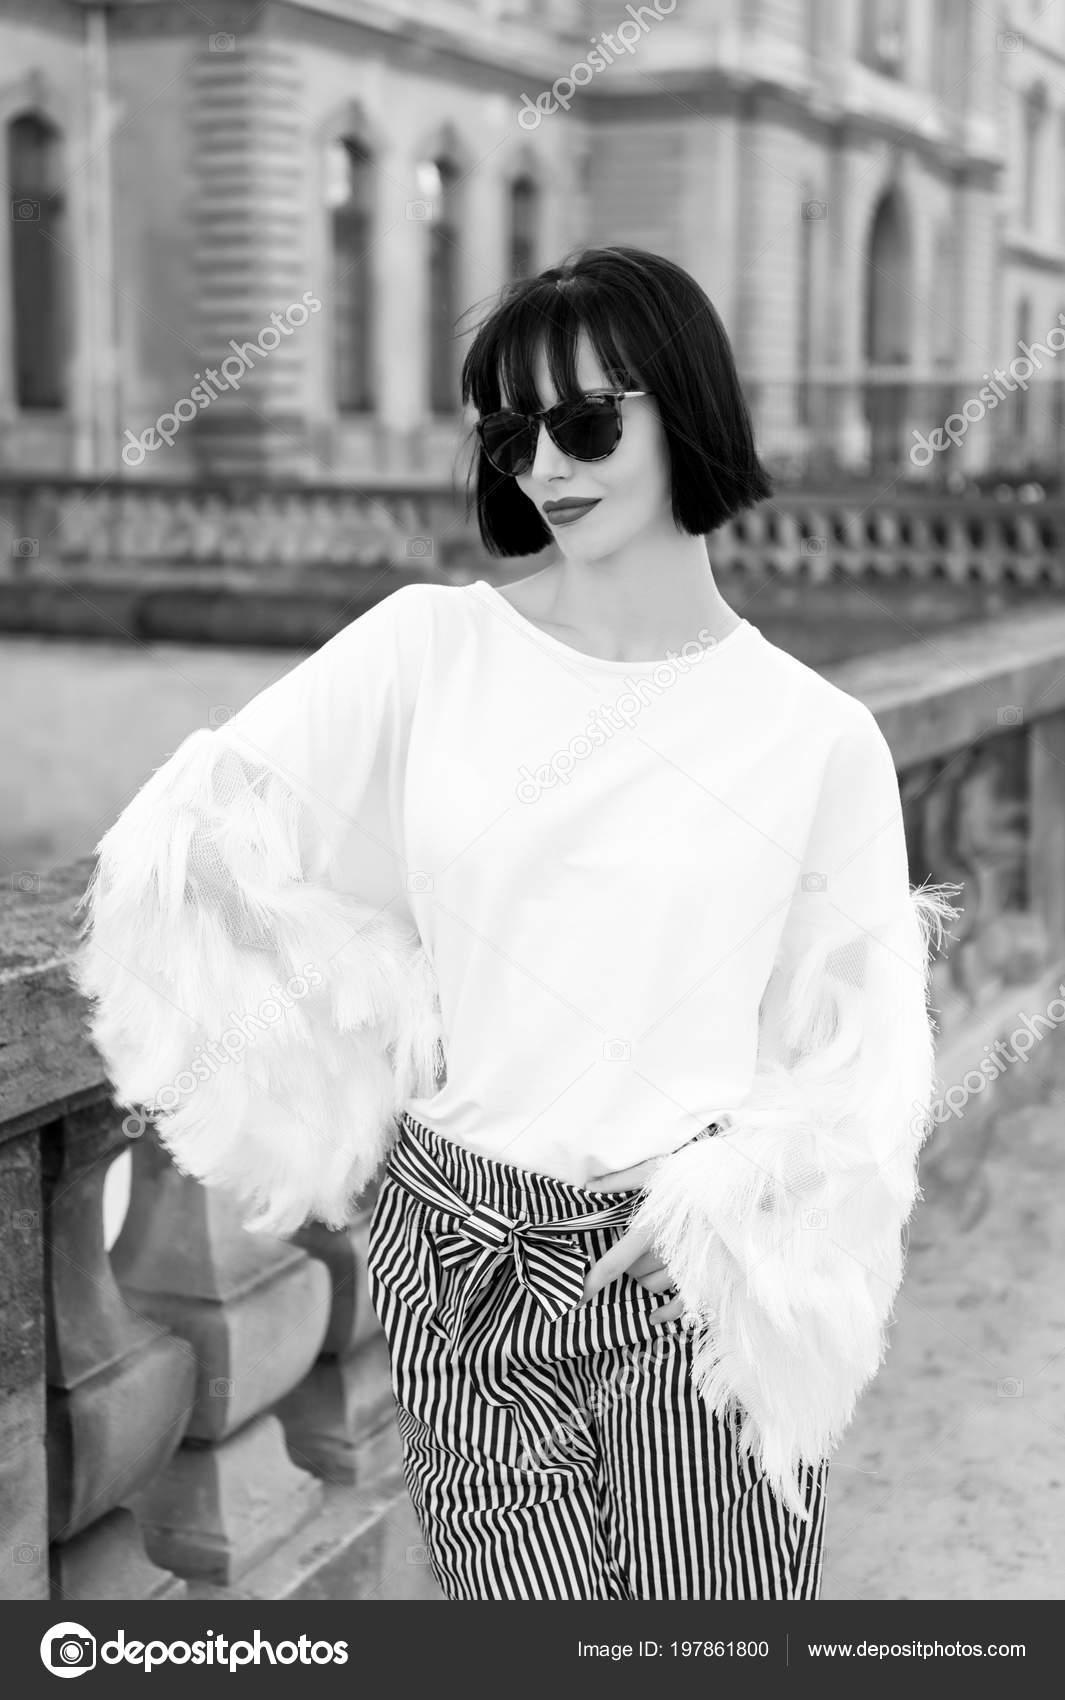 b46d0f56d1a7f2 Model in modieuze kleding op straat van Parijs, Frankrijk. Vrouw met rode  lippen en donkerbruine haren. Mode, accessoires, visage concept.